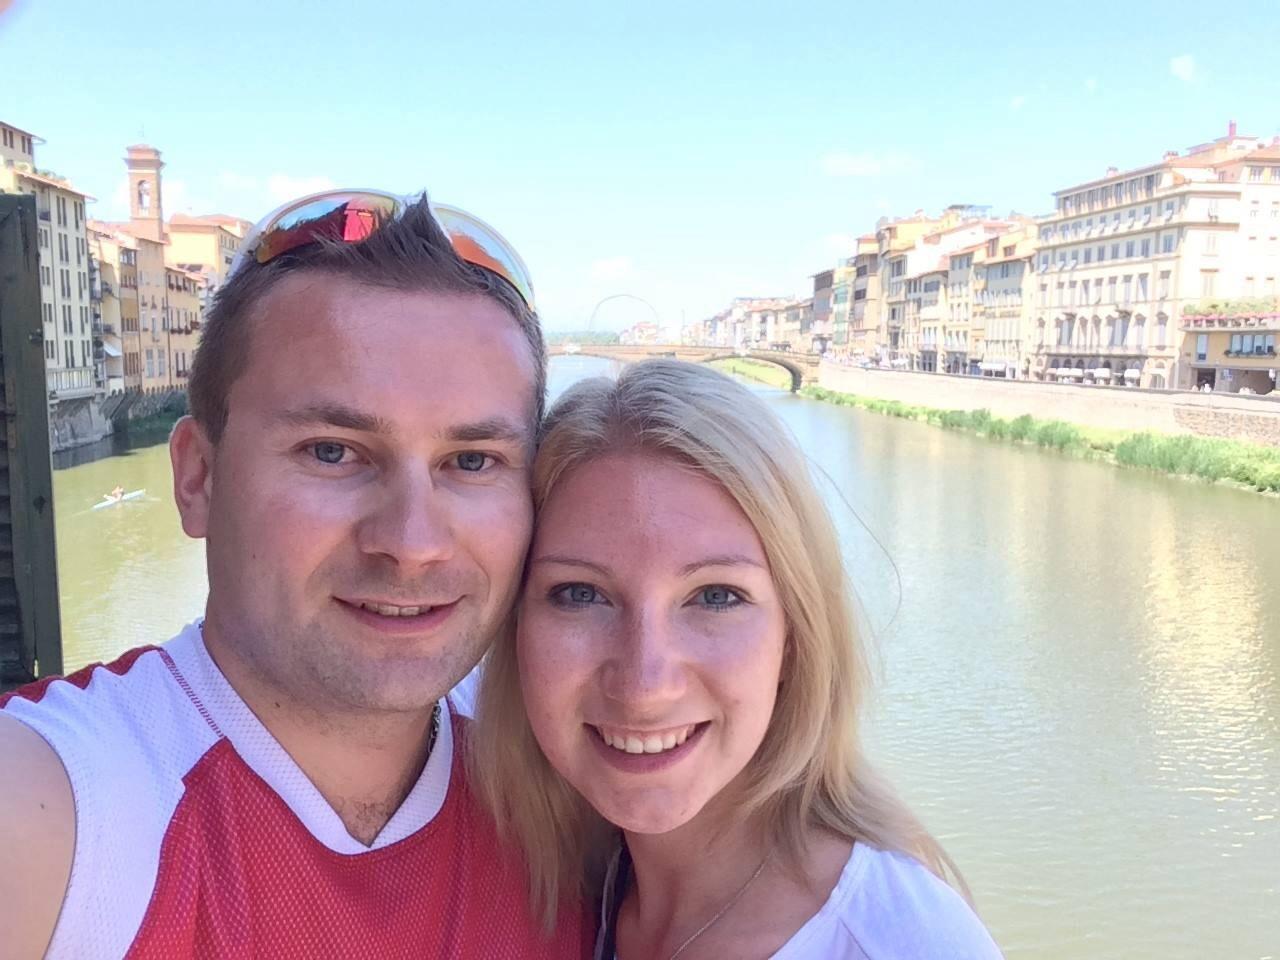 Zásnuby v Římě - Obrázek č. 2